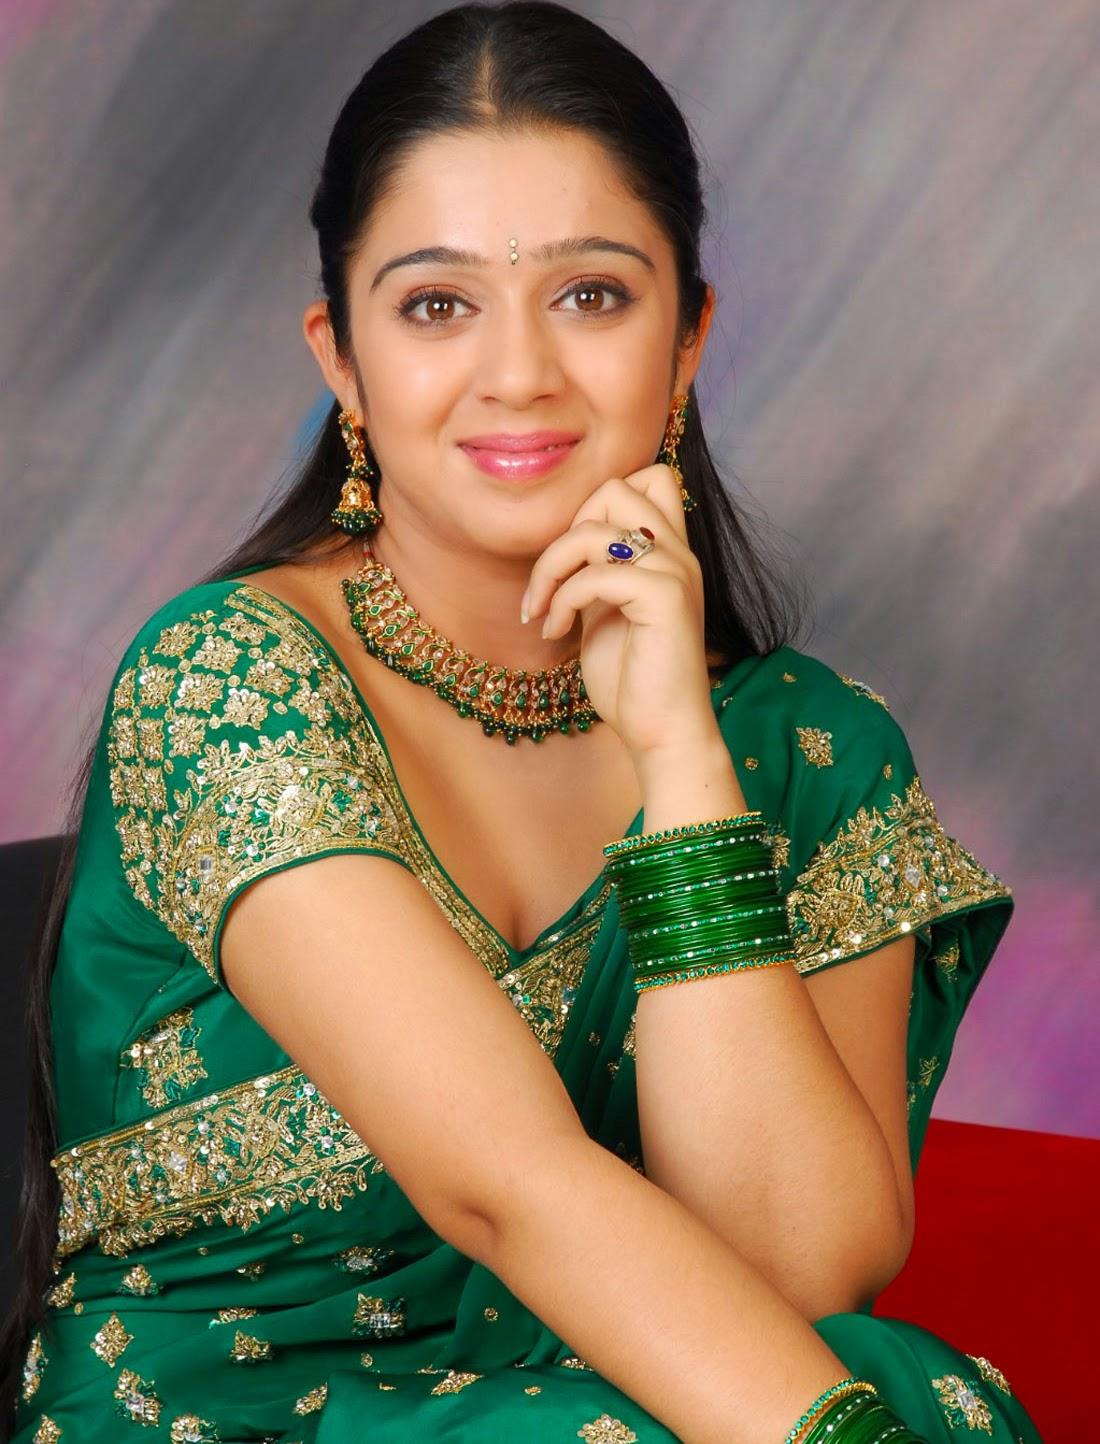 hqwallpictures1080p: Charmi Kaur Hot Pictures